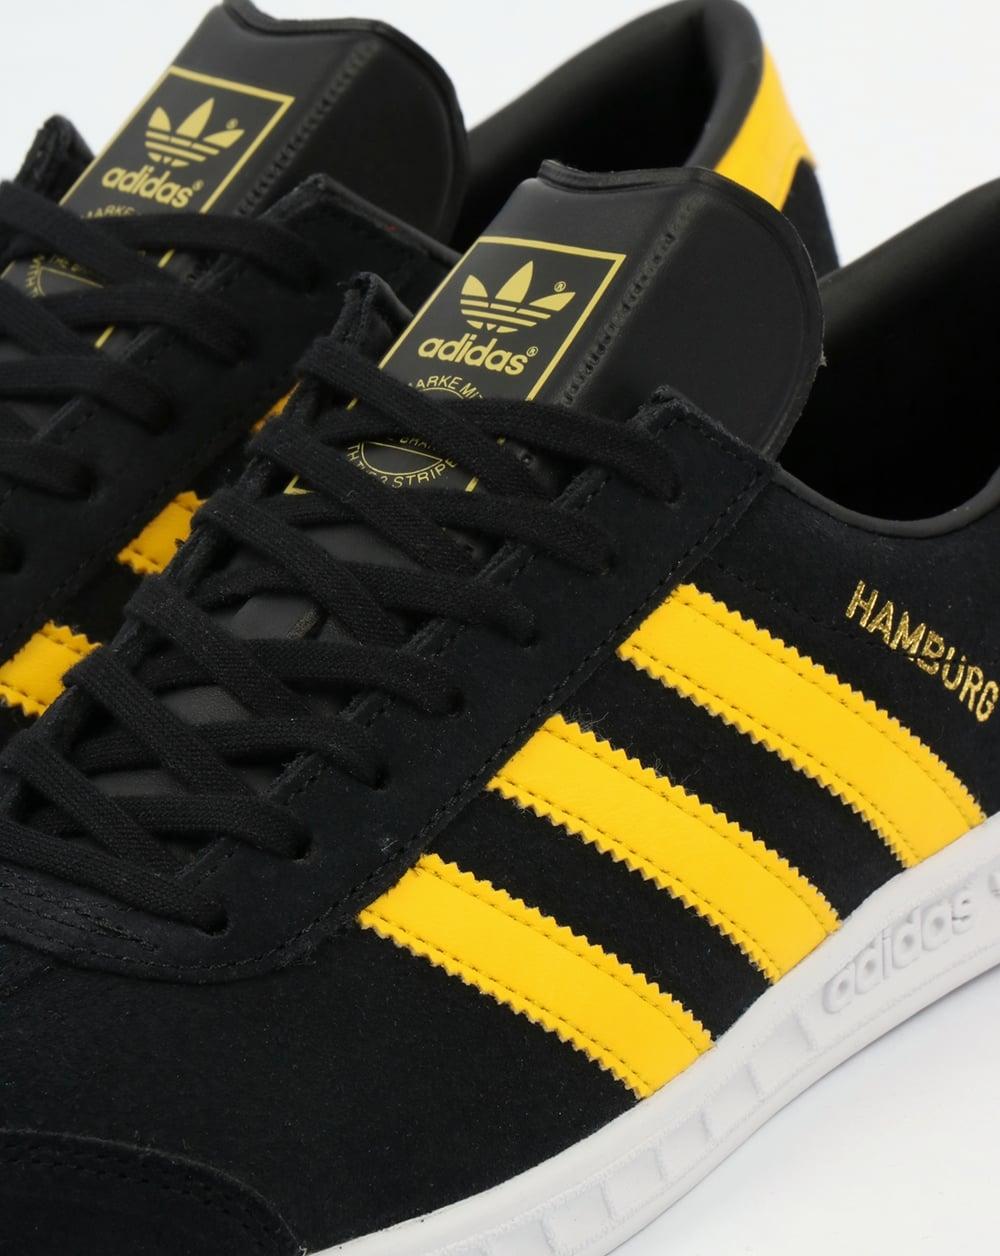 adidas originals hamburg trainers yellow